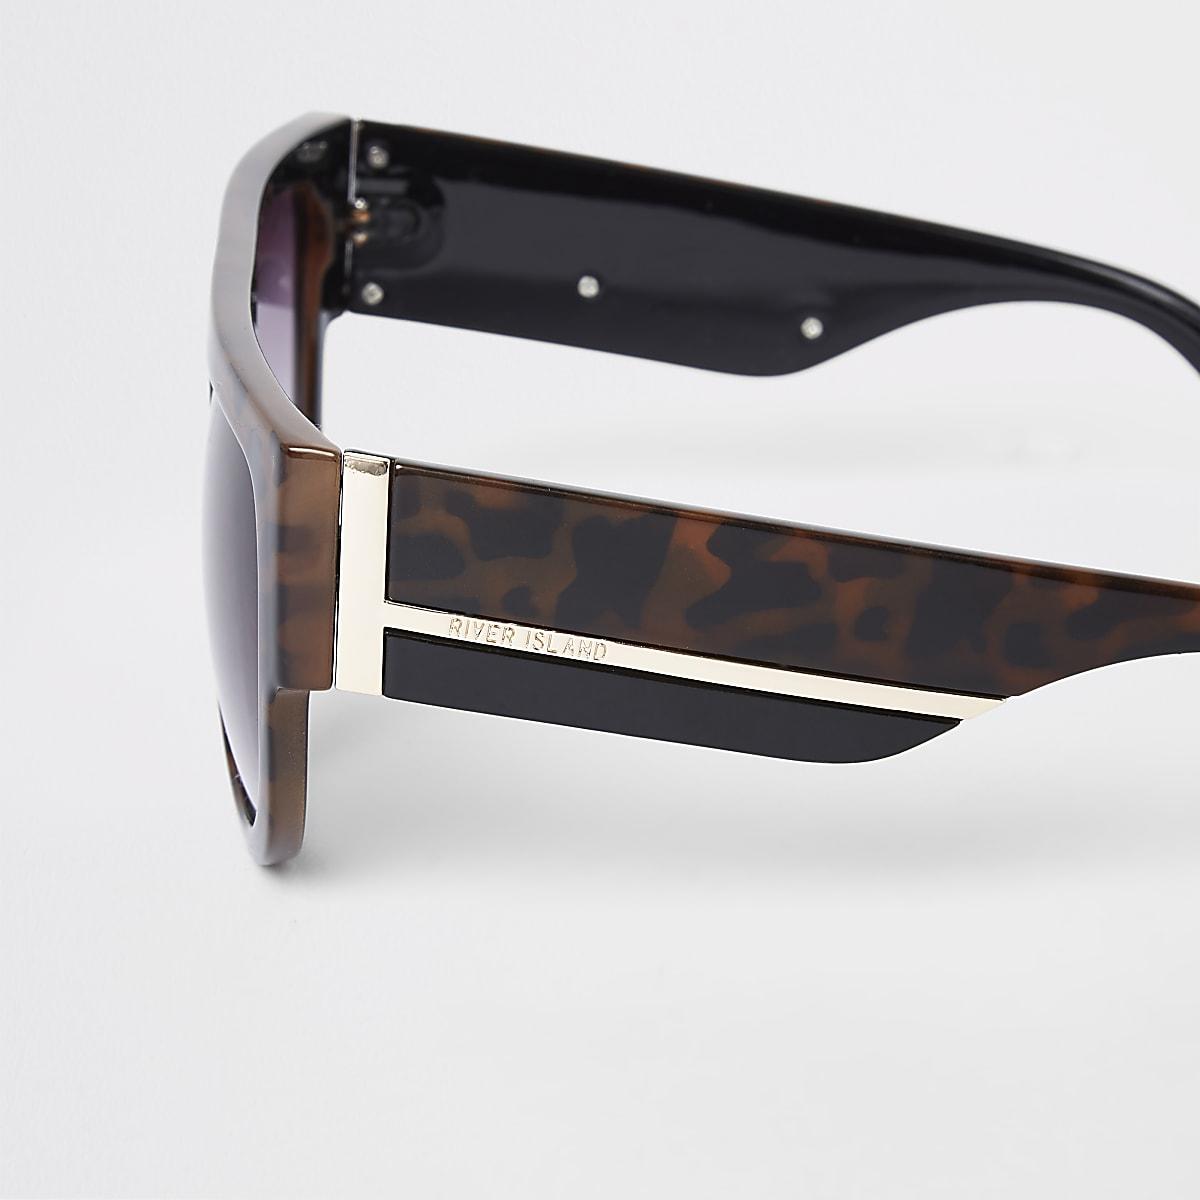 dbfd6da24a472 Brown tortoiseshell print visor sunglasses - Retro Sunglasses ...